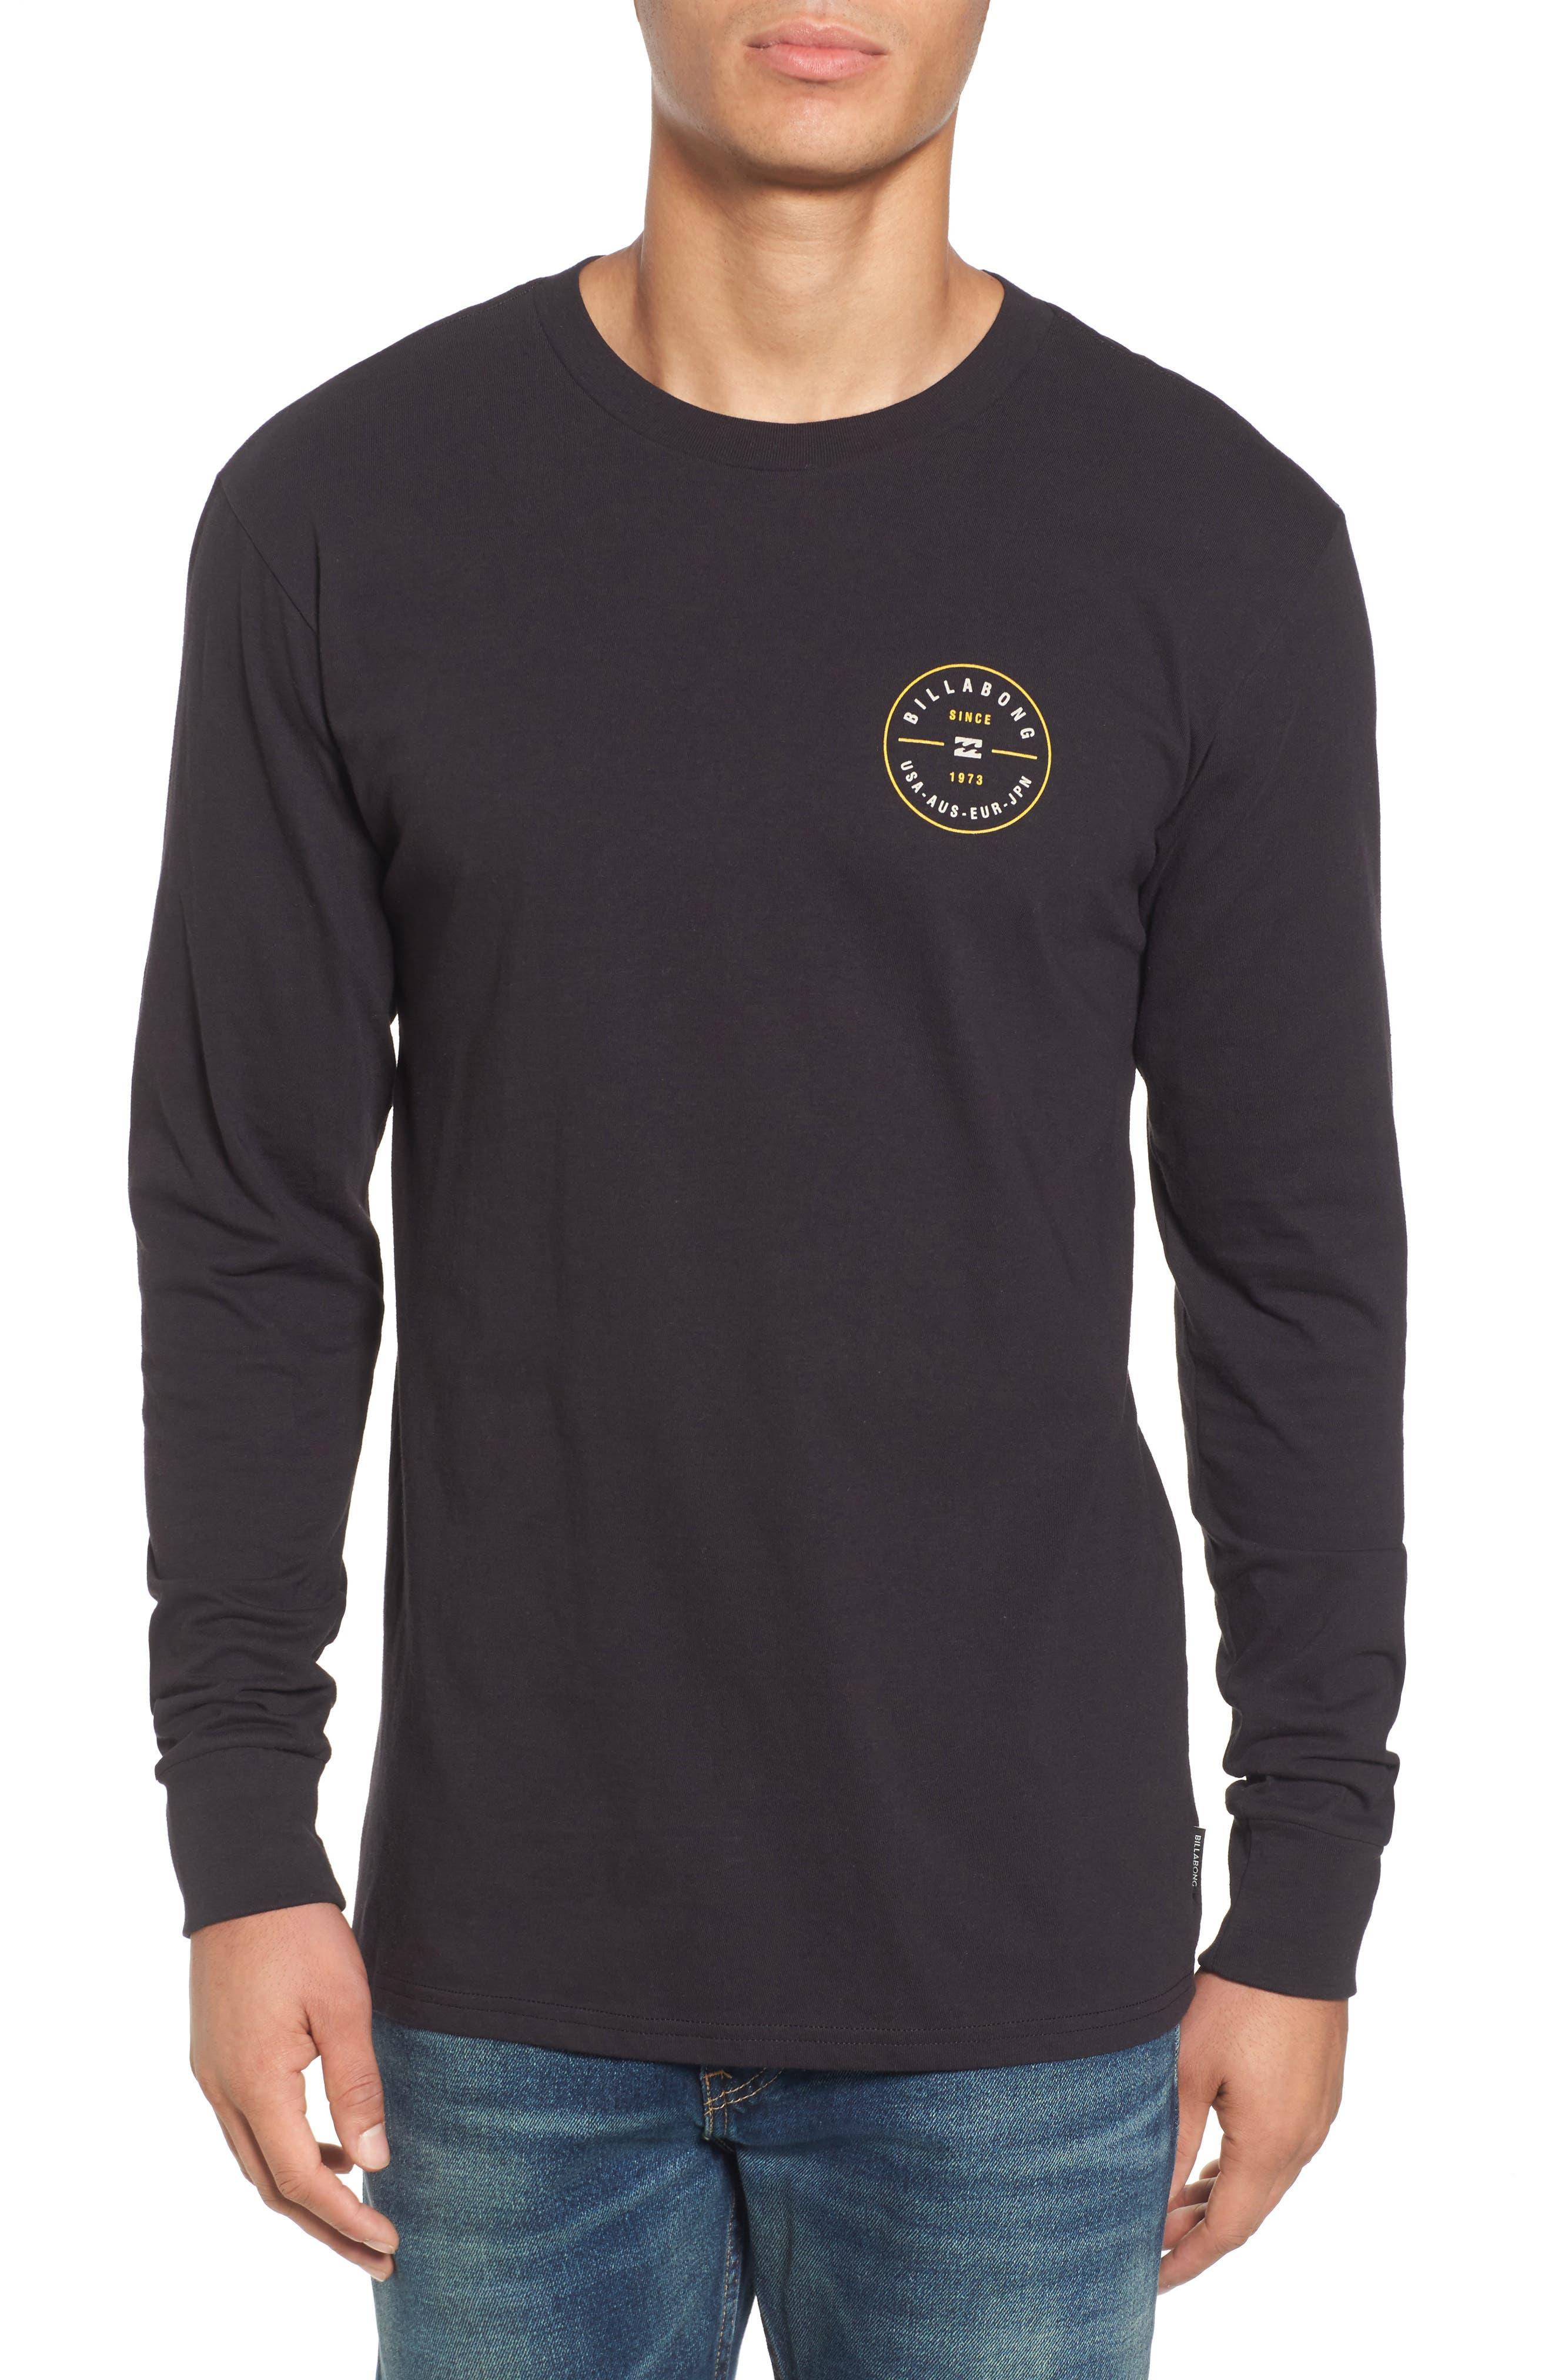 Billabong Rotor Graphic T-Shirt